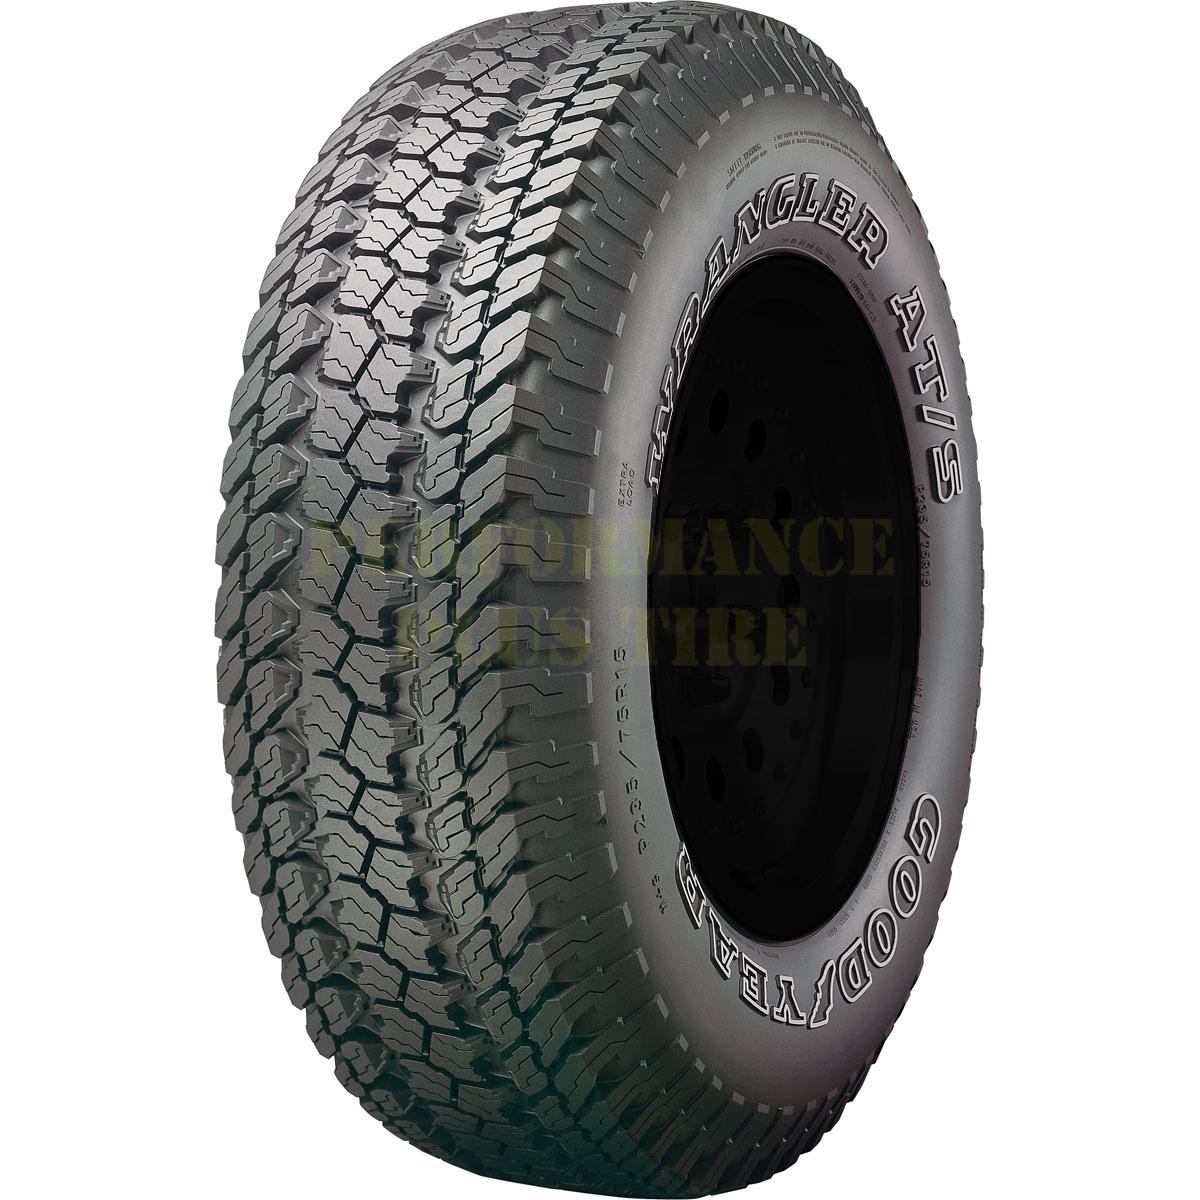 Goodyear Tires Wrangler AT/S Light Truck/SUV All Terrain/Mud Terrain Hybrid Tire